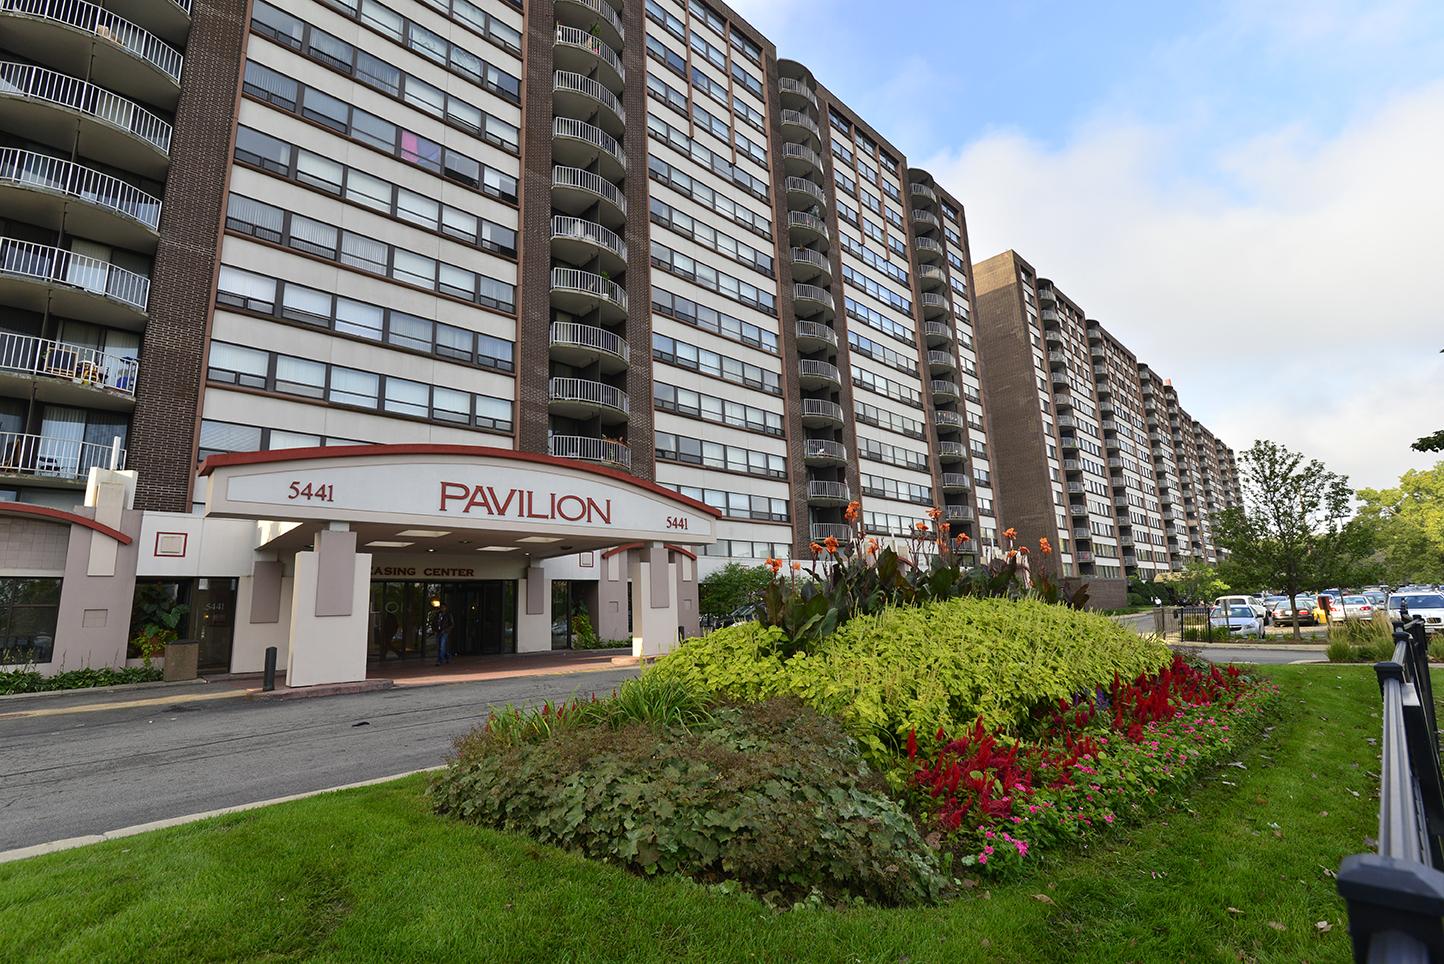 The Pavilion apartments